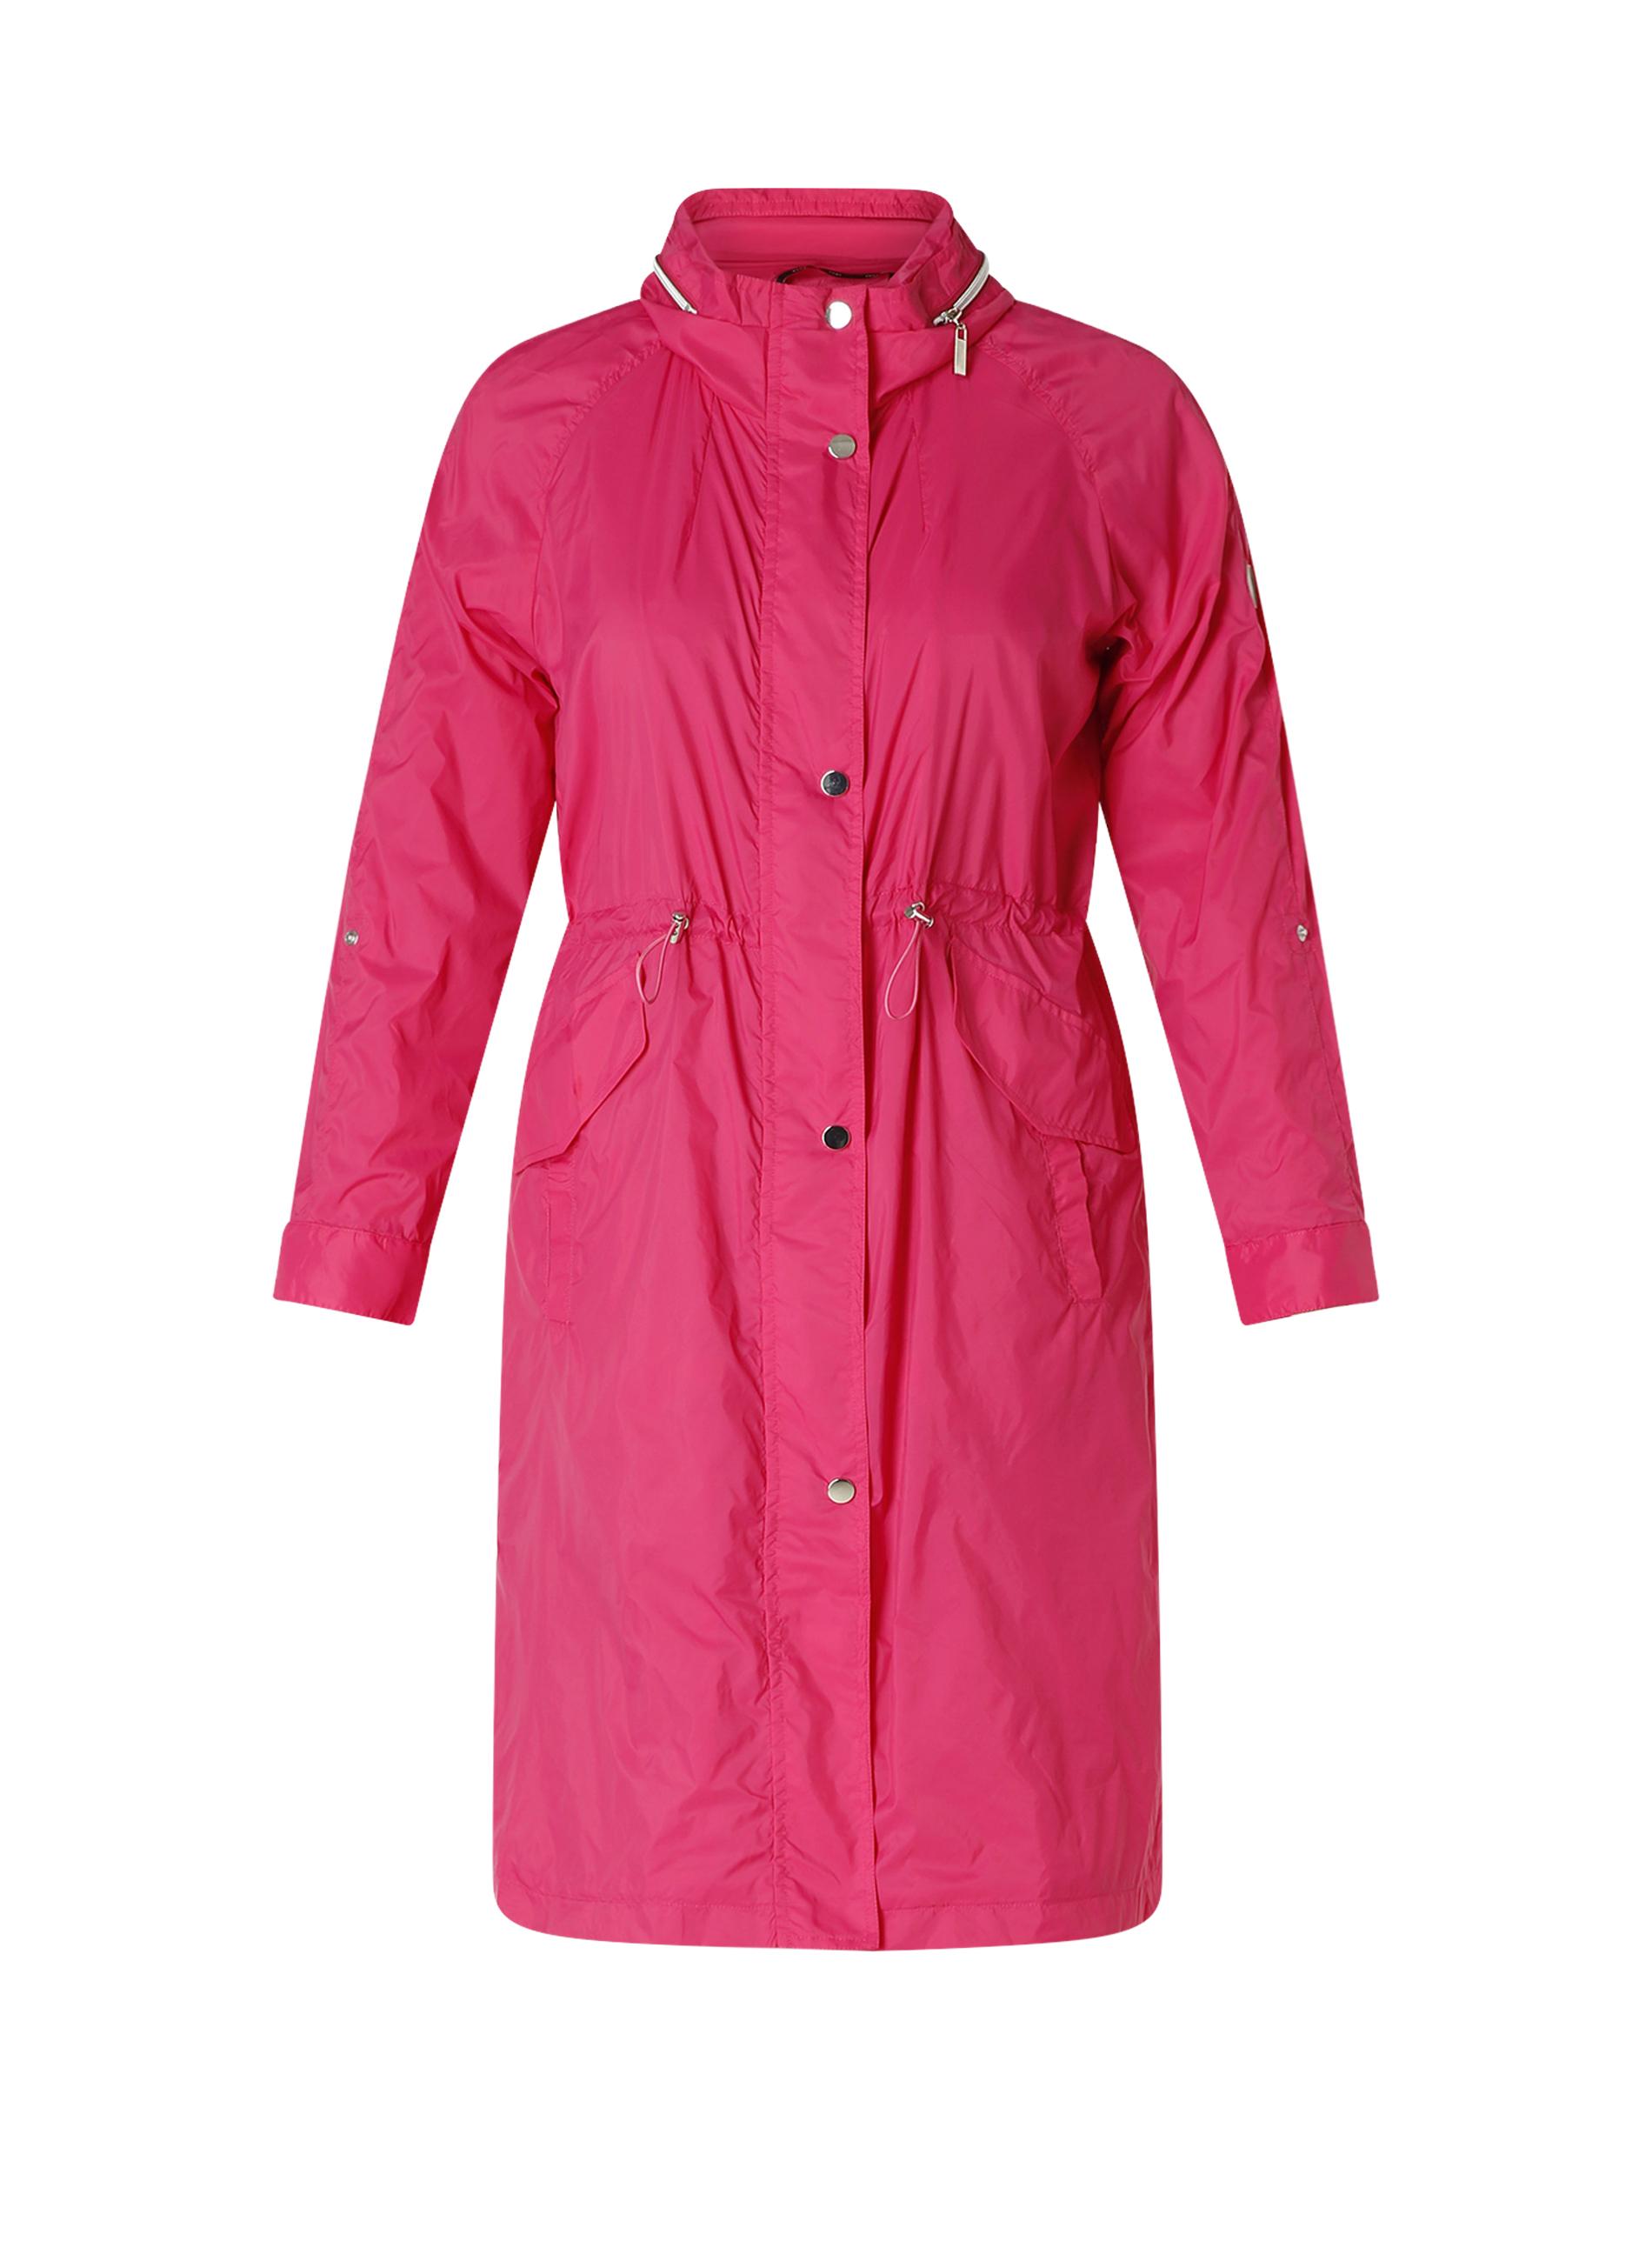 Jacket Summer Outerwear Yesta 115 cm